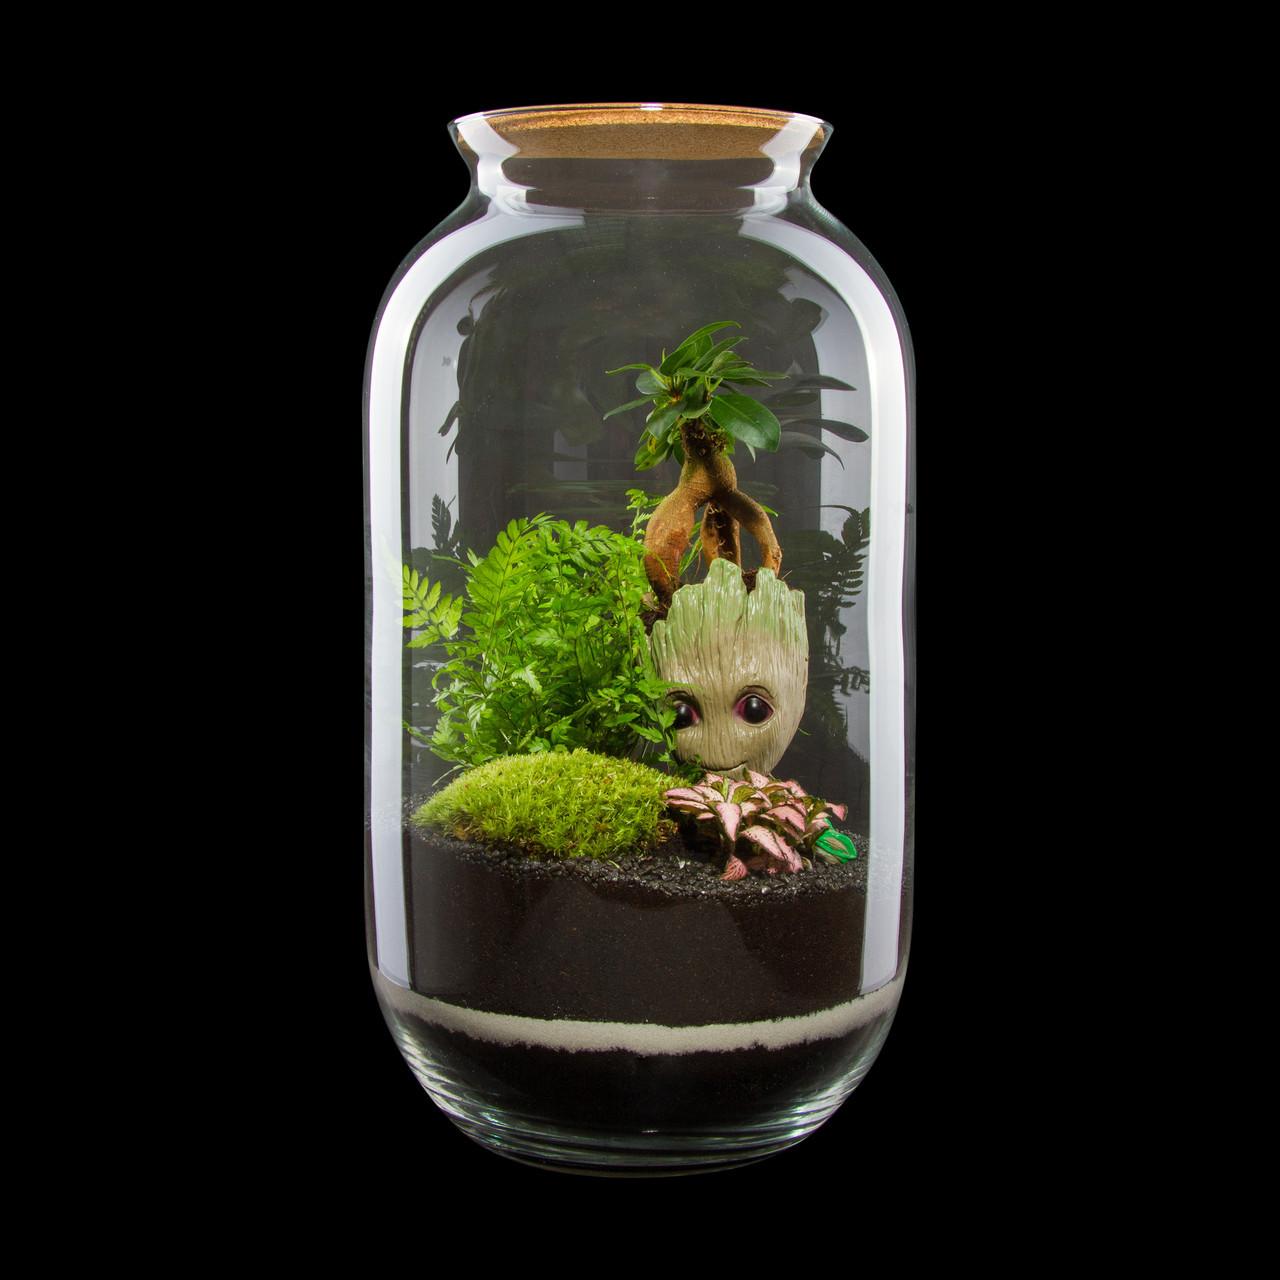 Оригінальний флораріум в банку з малюком Грутом Ф1